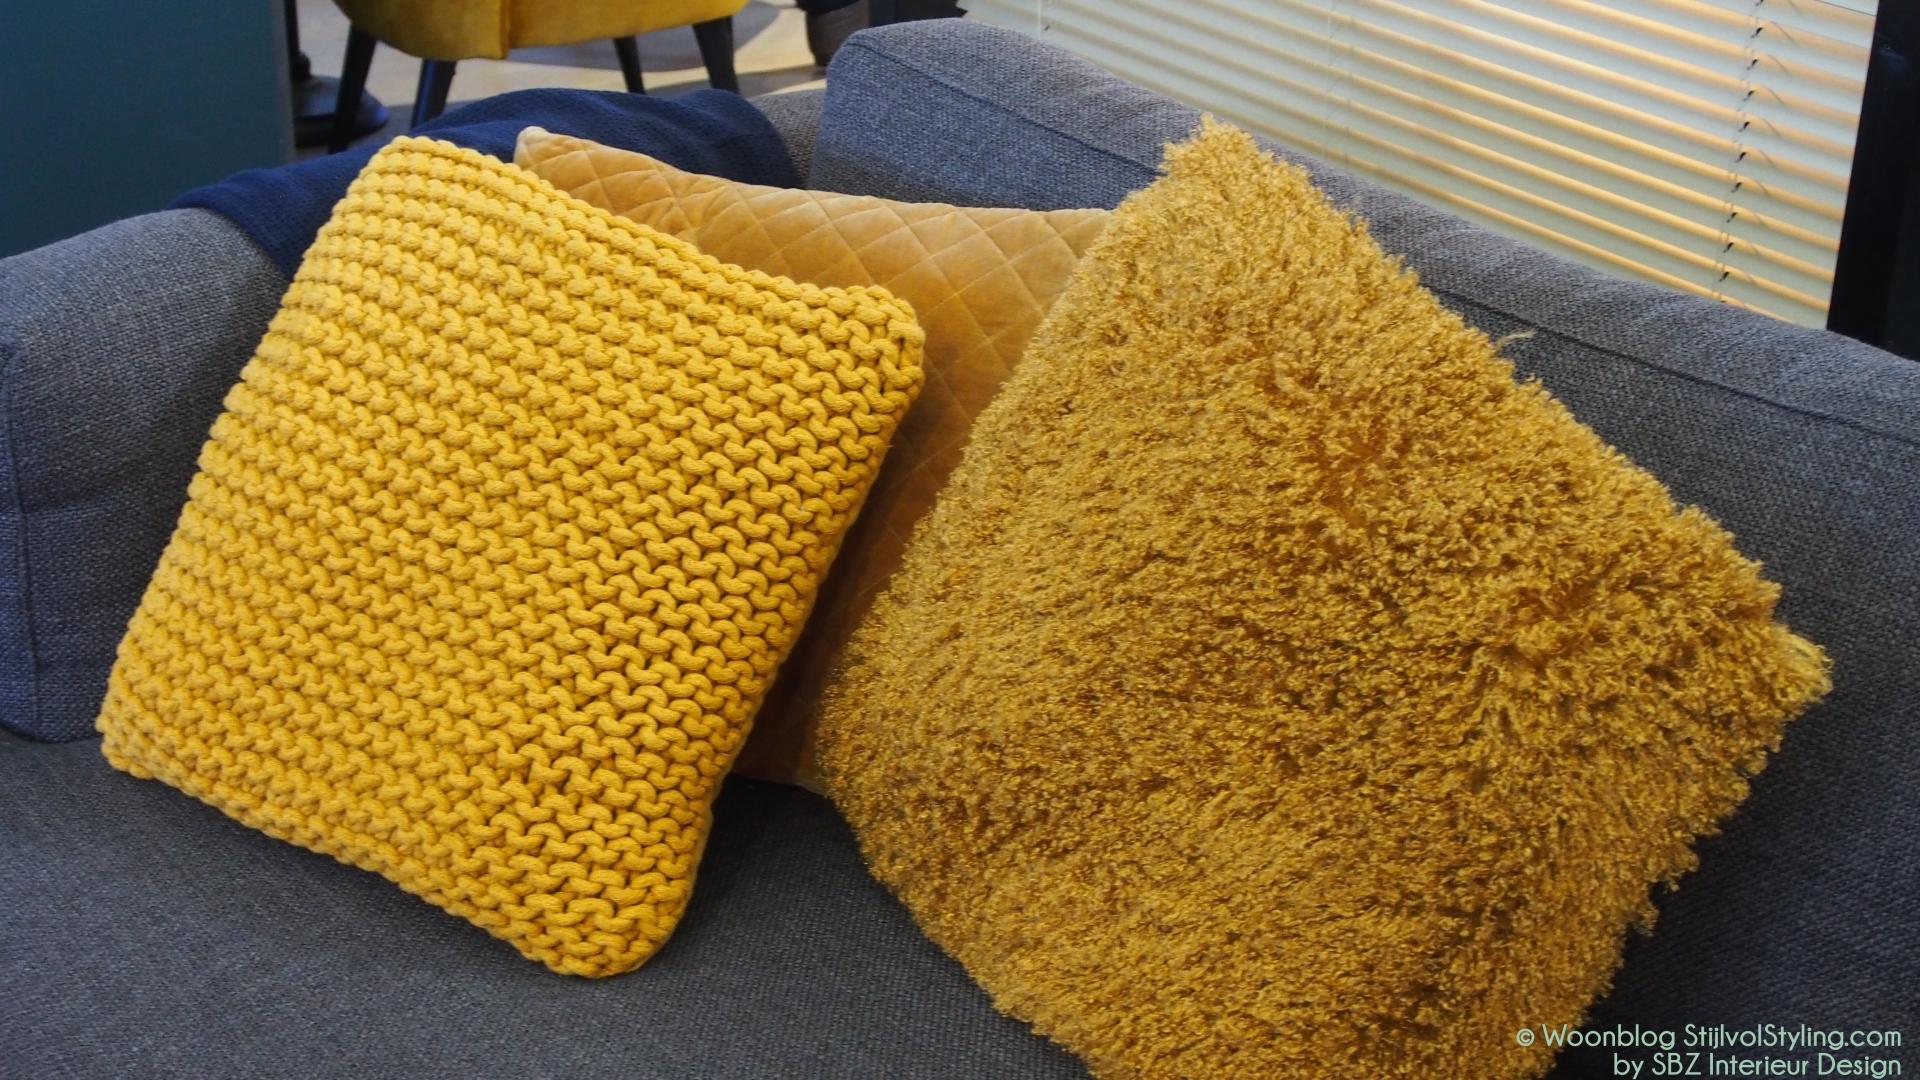 Woontrends 2017 messing goud in jouw interieur toepassen stijlvol styling woonblog - Mooie interieurdecoratie ...